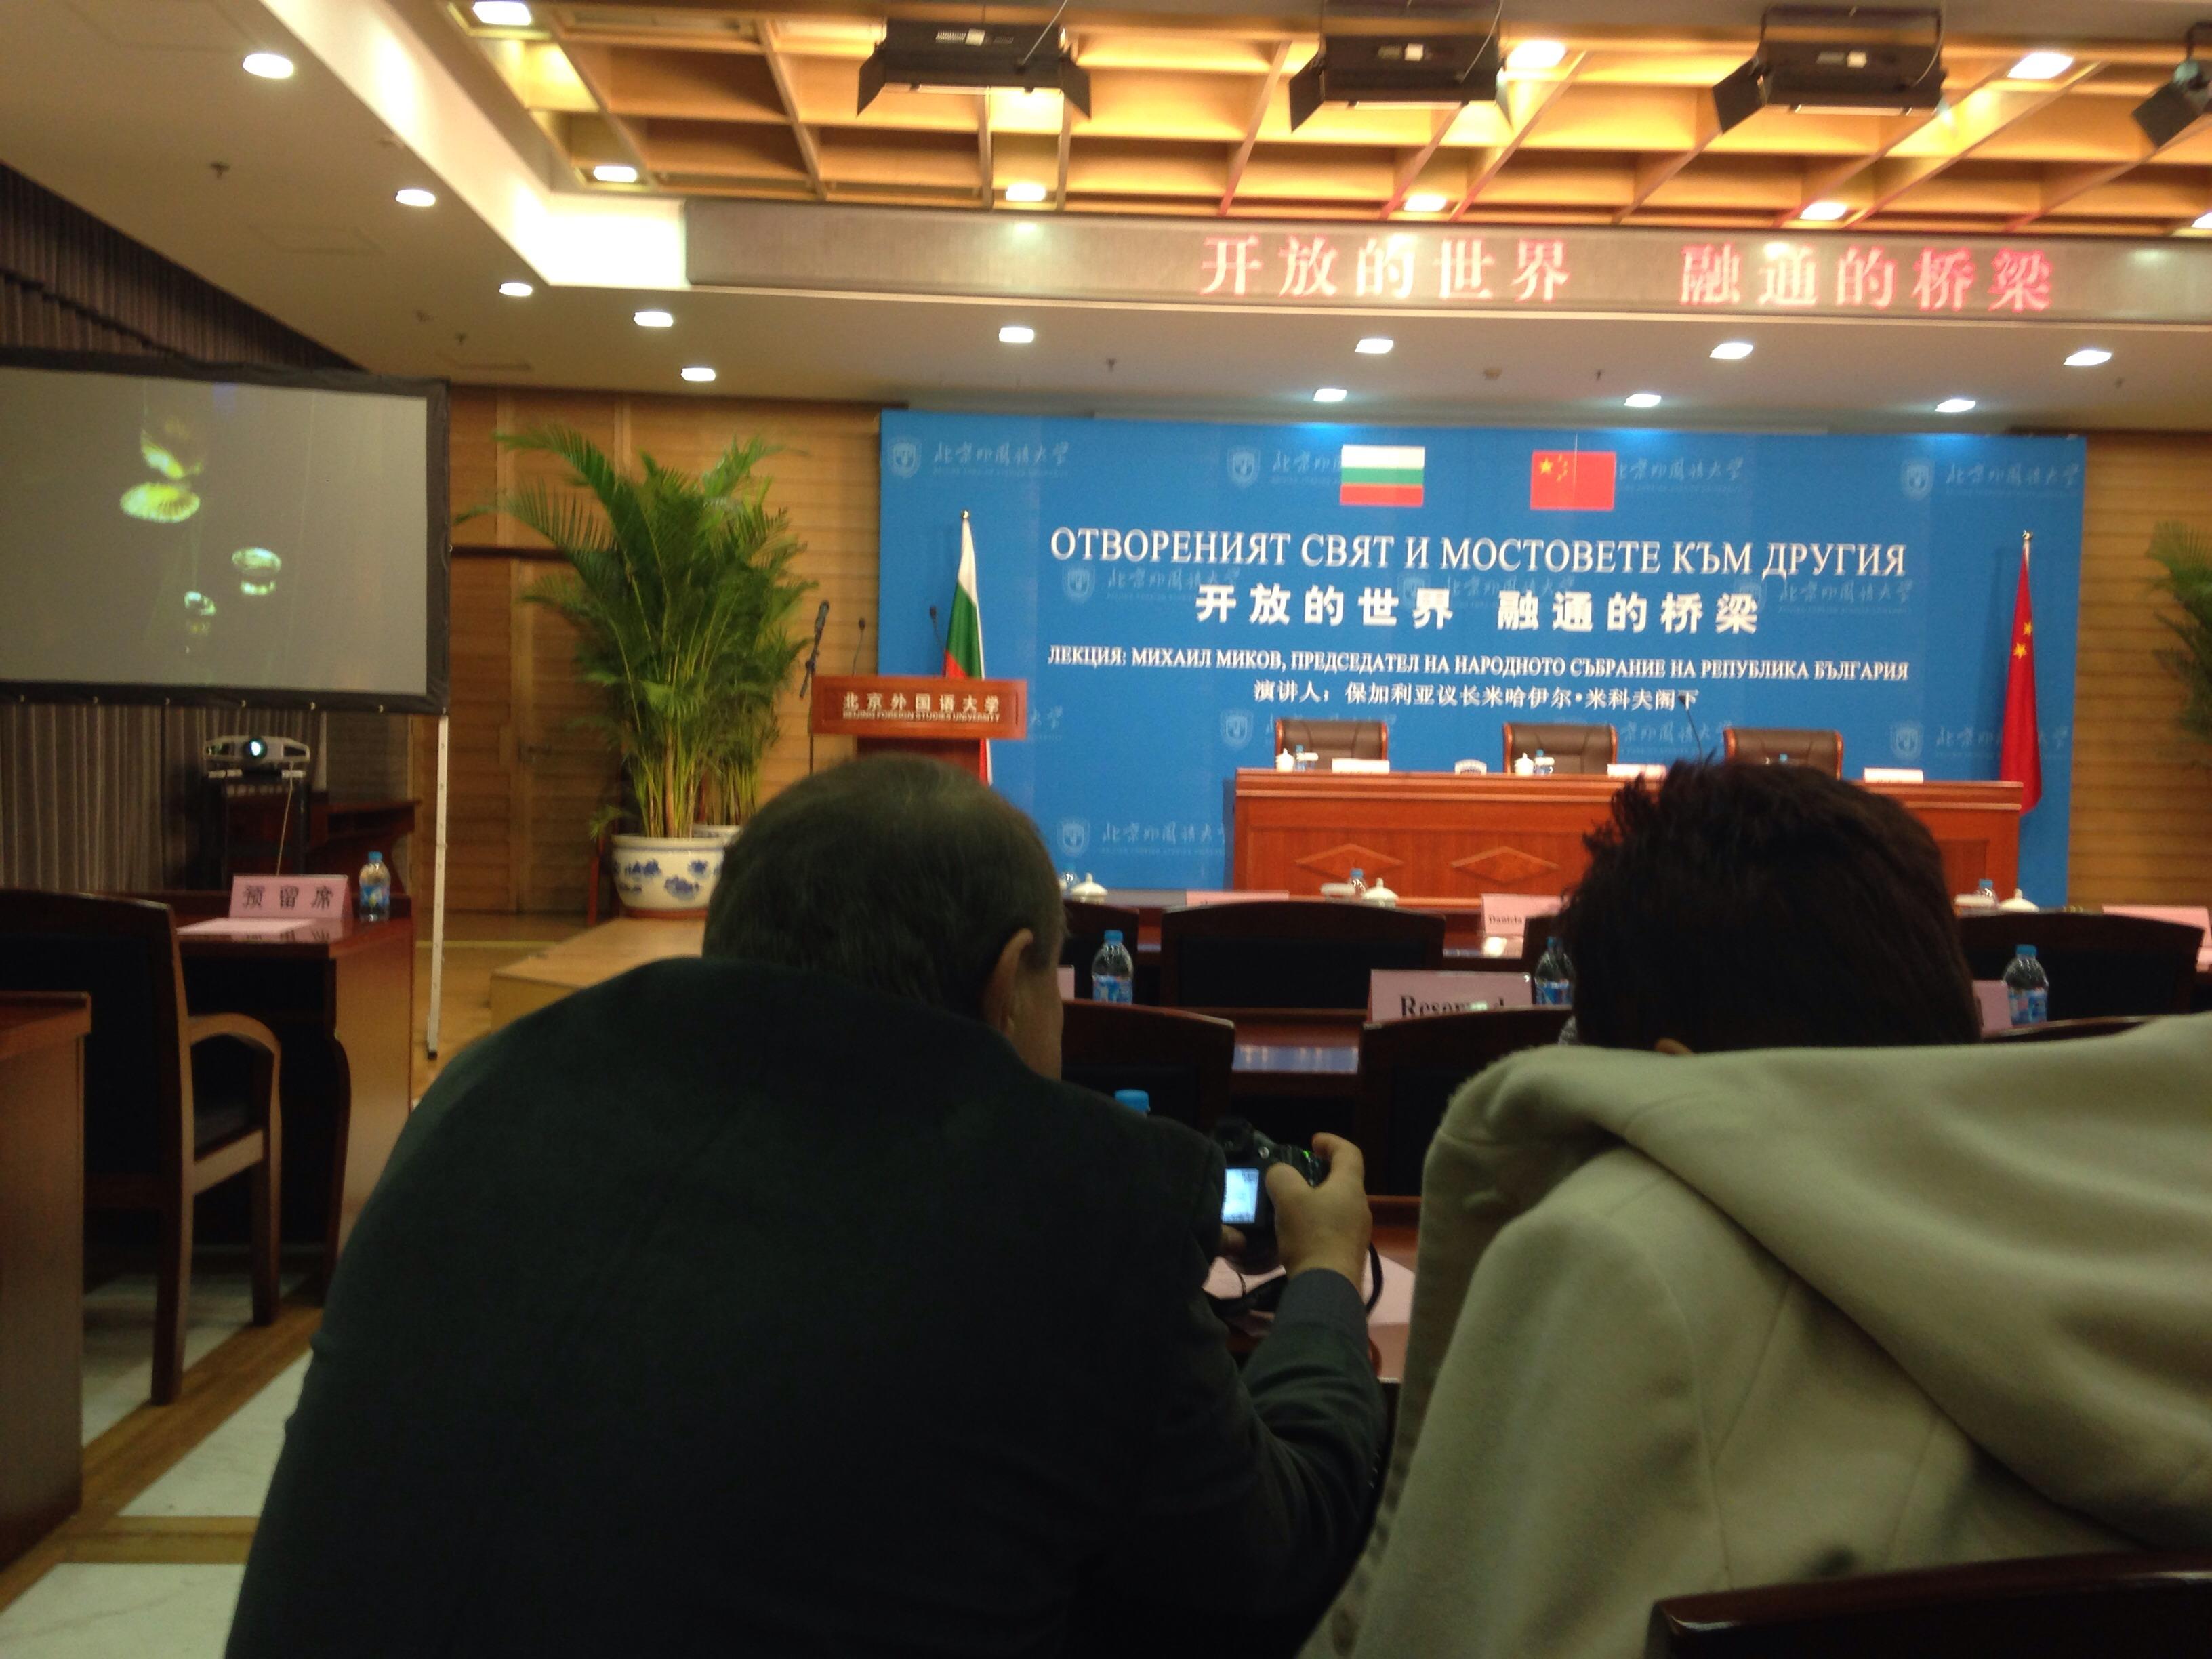 Последен ден от посещението на Гн Миков в Китай